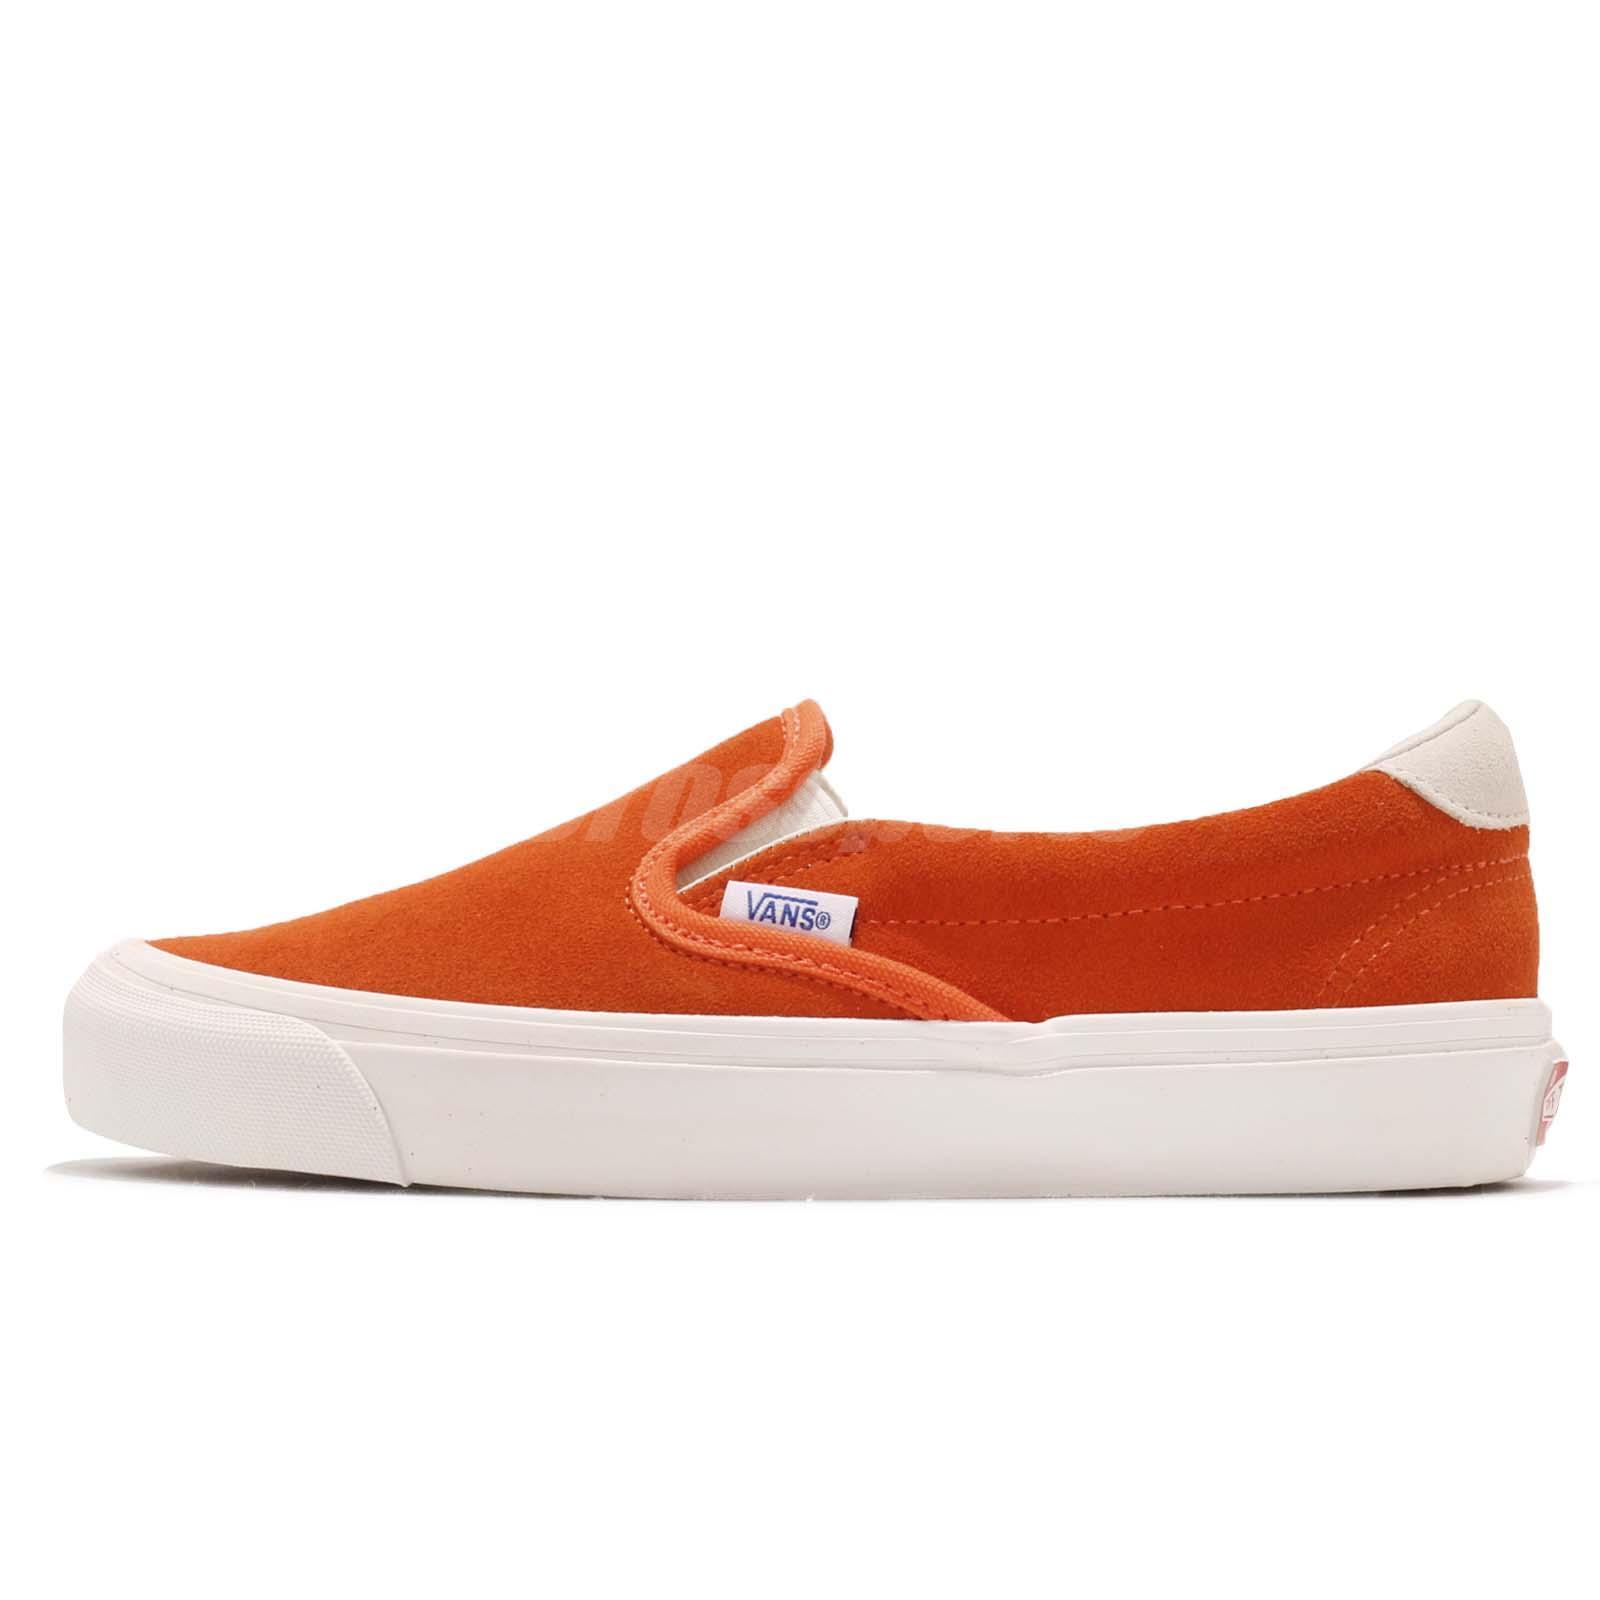 60e4ebc564 Vans Vault OG Slip-On 59 LX Red Orange Men Women Skate Boarding Shoes  181070816